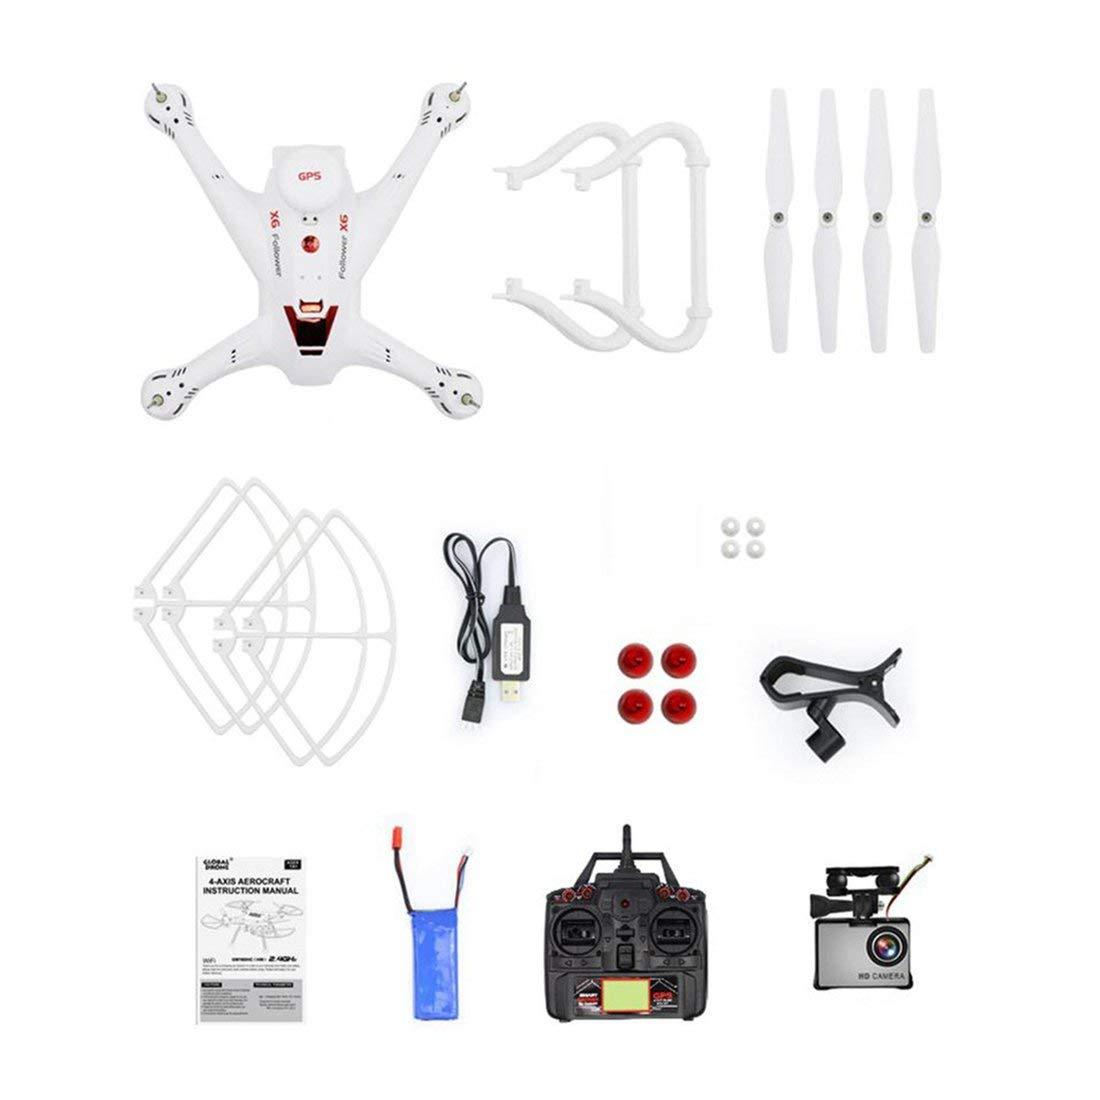 Formulaone X183S RC Drohne mit 1080P 5G Kamera Headless Modus Höhe Halten Sie eine Taste Return Mini Fernbedienung GPS Quadrocopter - Weiß